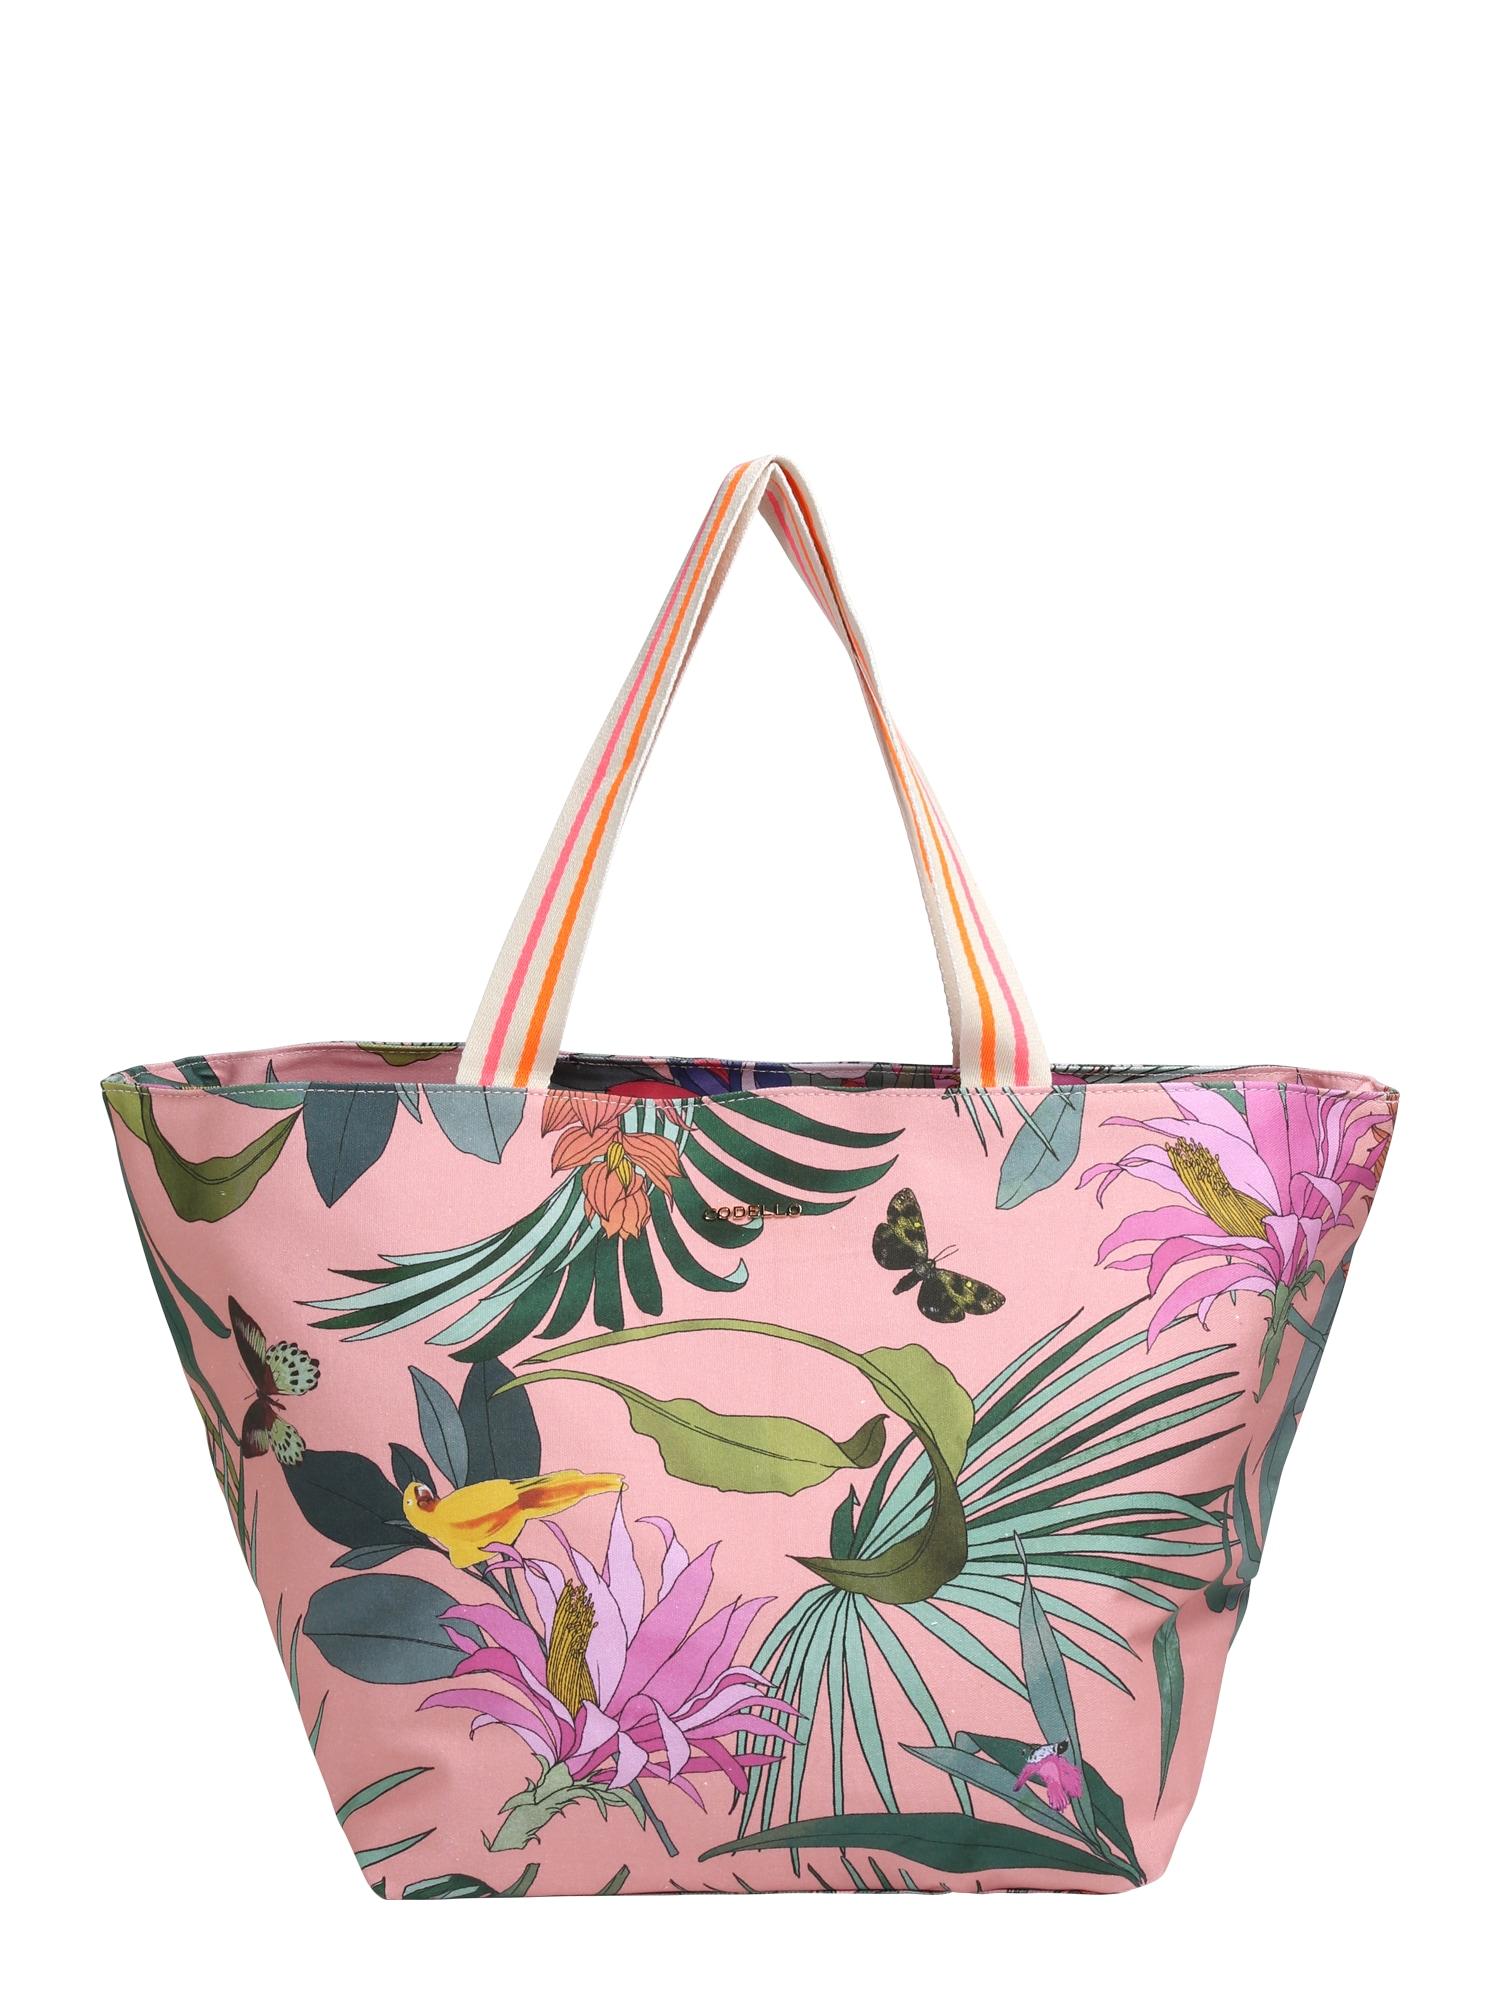 CODELLO Paplūdimio krepšys 'TROPICAL PUNCH RESORT' rožių spalva / mišrios spalvos